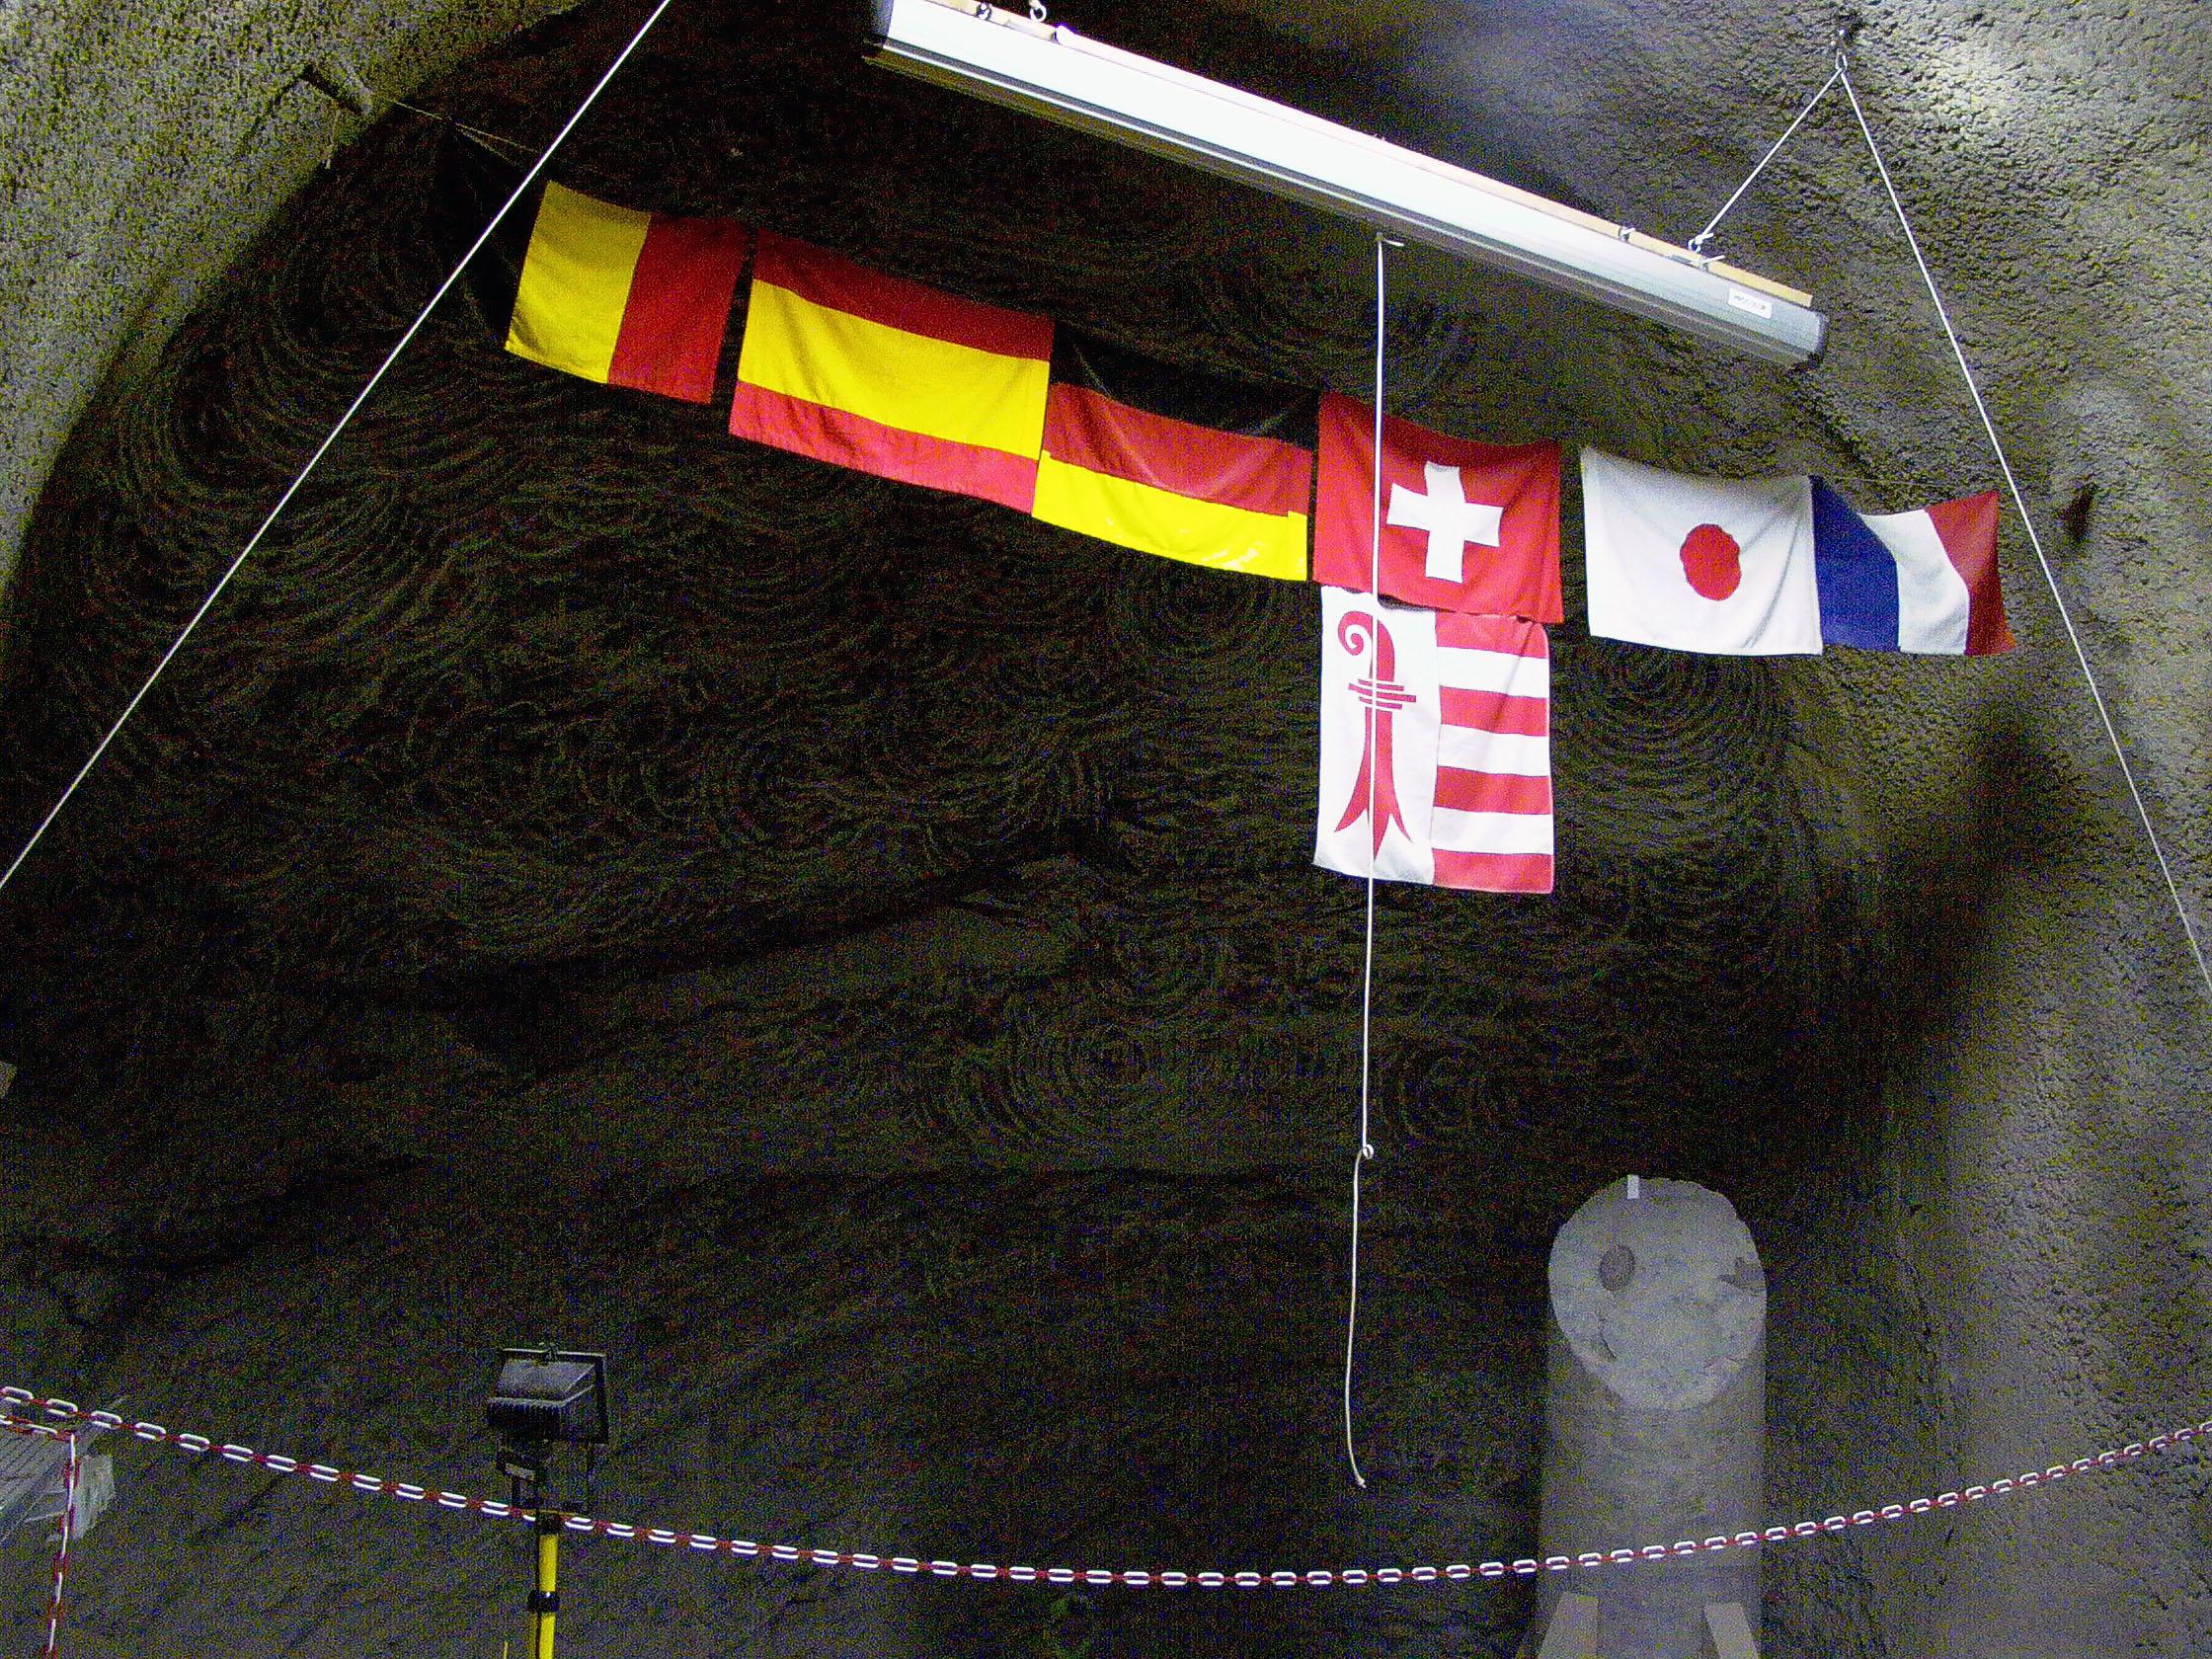 أعلام التعاون الدولي تُـرفرف تحت الأرض